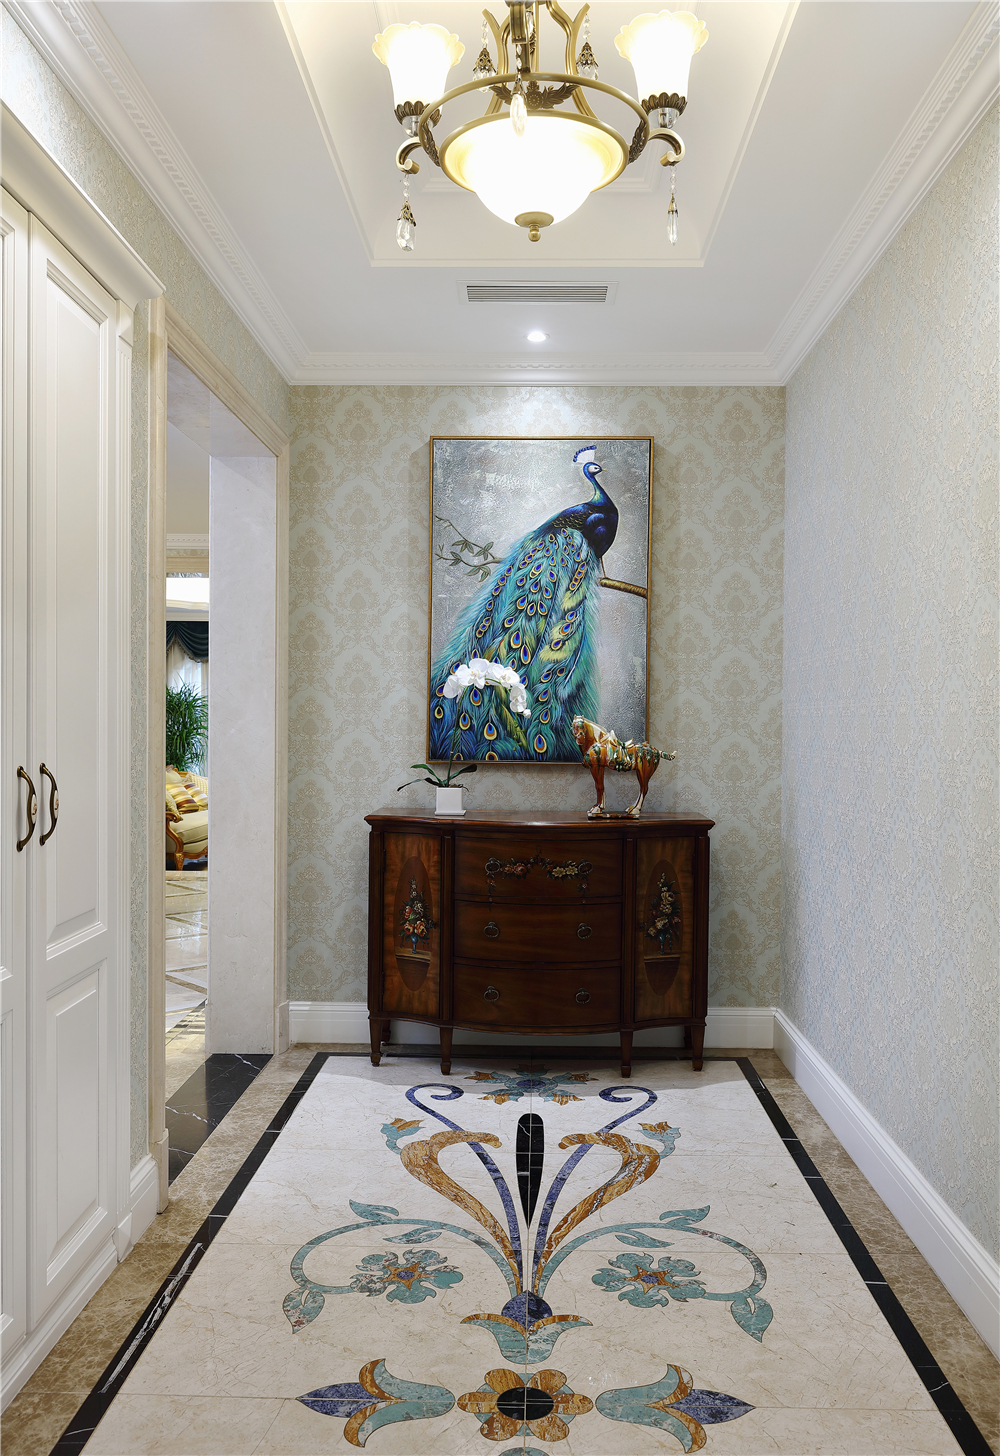 打开大门,映入眼帘的是一副孔雀图,搭配蓝绿相间的拼花地砖,深木色图片